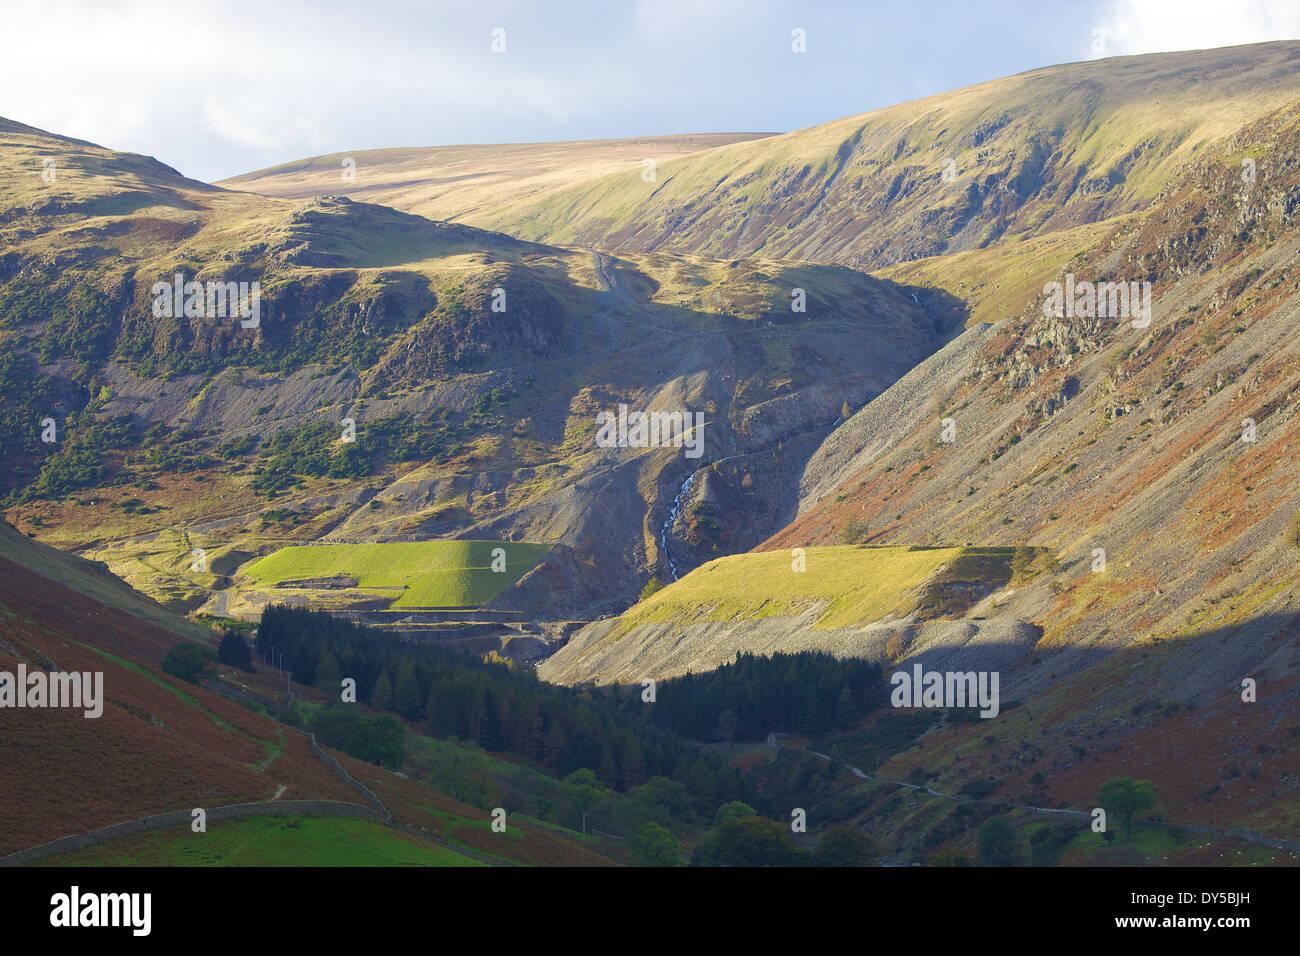 Greenside Mines disused Lead Mine, Glenridding, Cumbria, England United Kingdom. - Stock Image